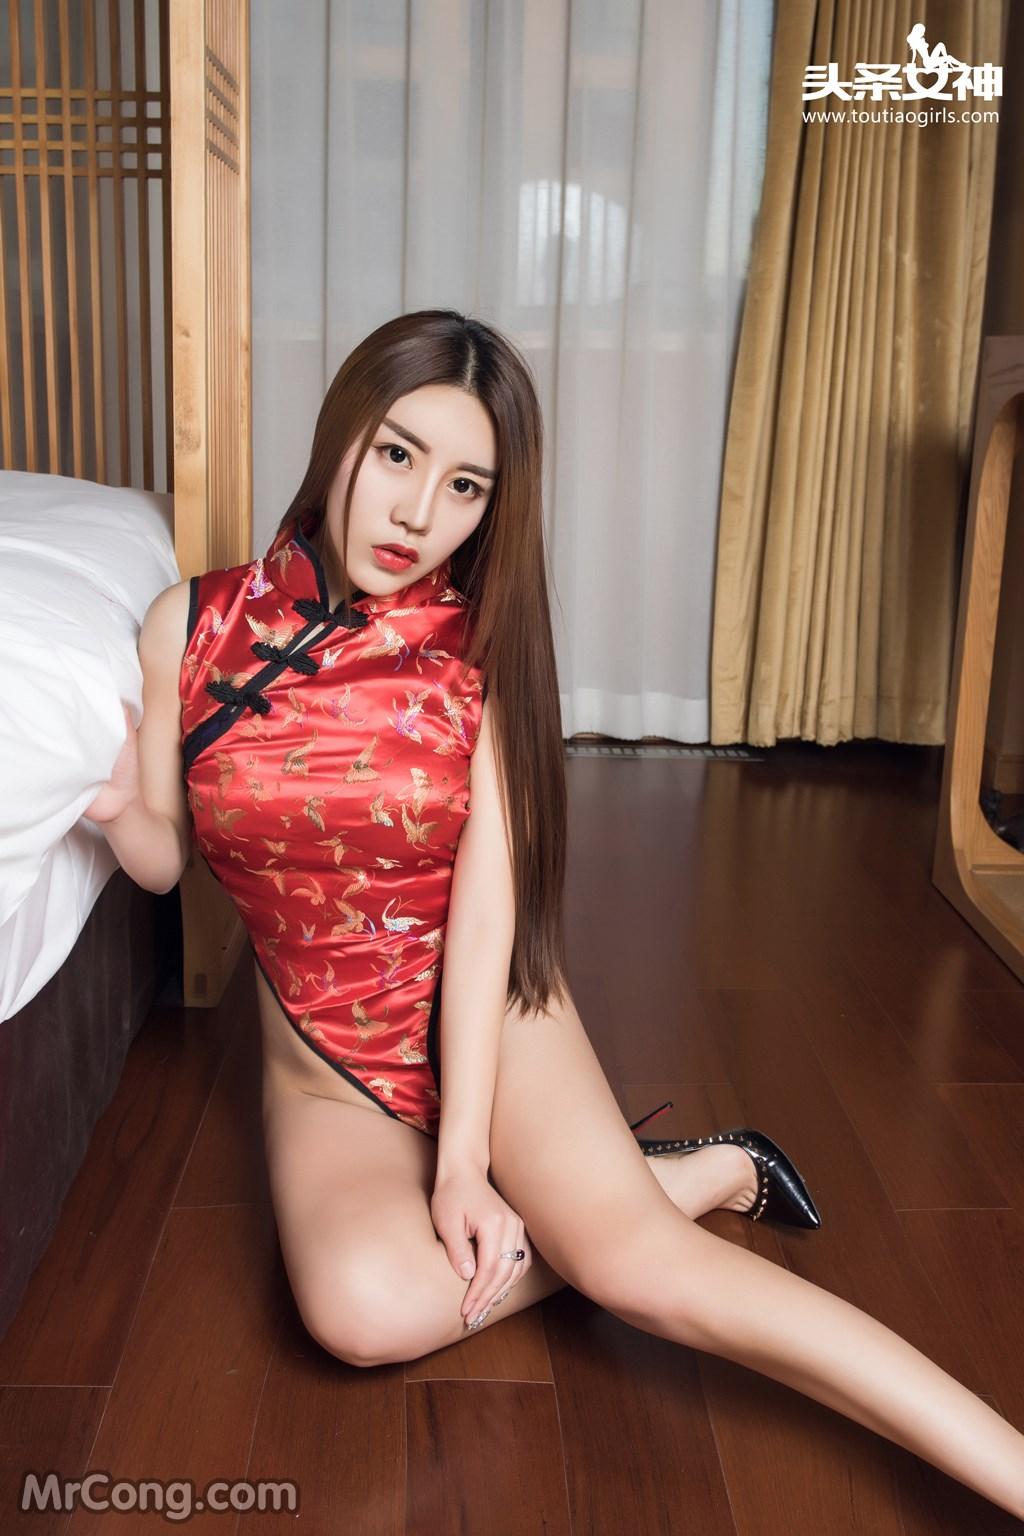 Image MrCong.com-TouTiao-2016-12-13-An-Su-Rui-004 in post TouTiao 2016-12-13: Người mẫu An Su Rui (安苏芮) (18 ảnh)